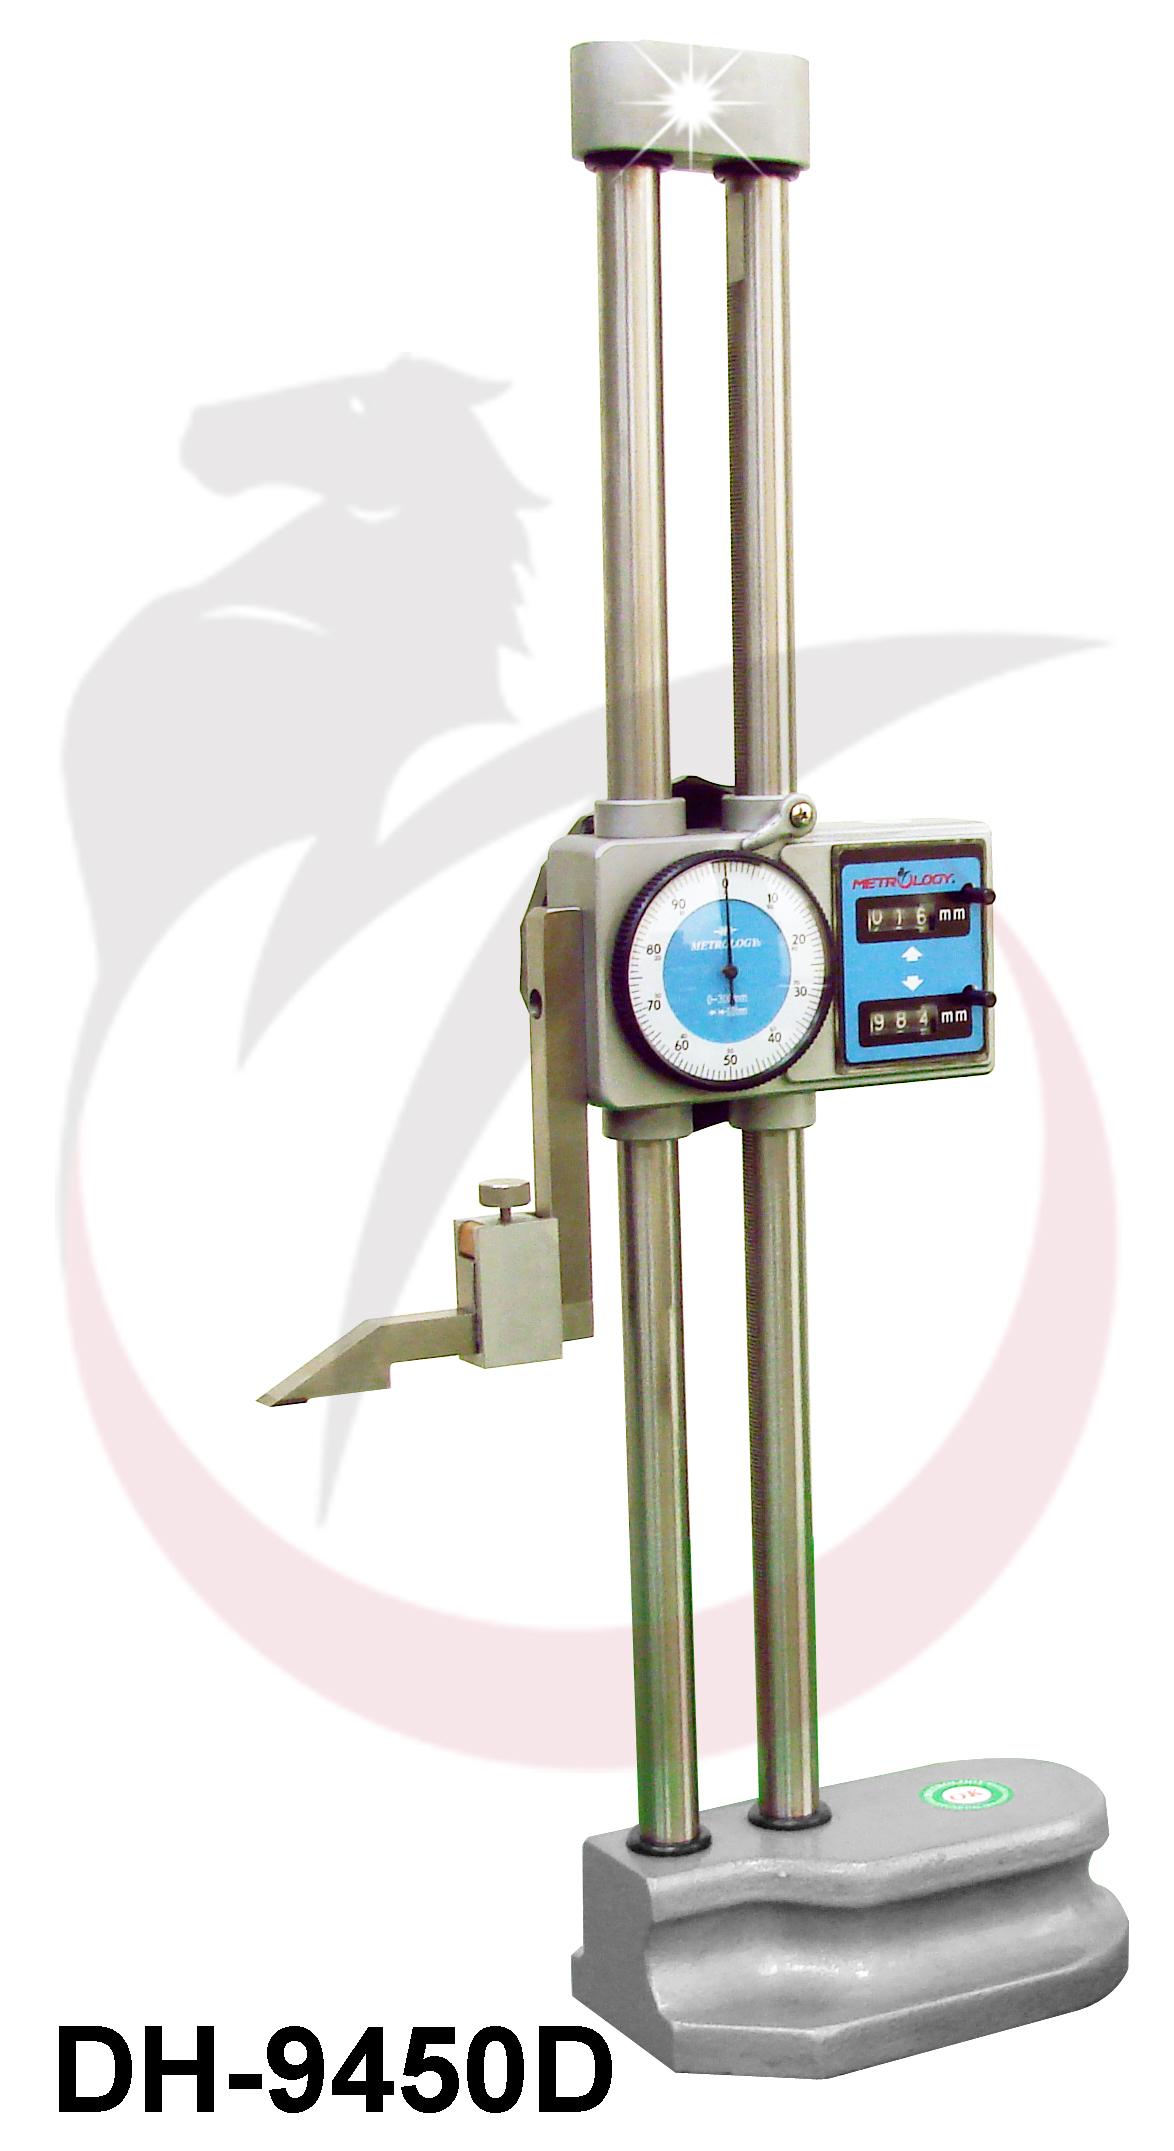 Thước đo cao 0-450mm DH-9450D Metrology